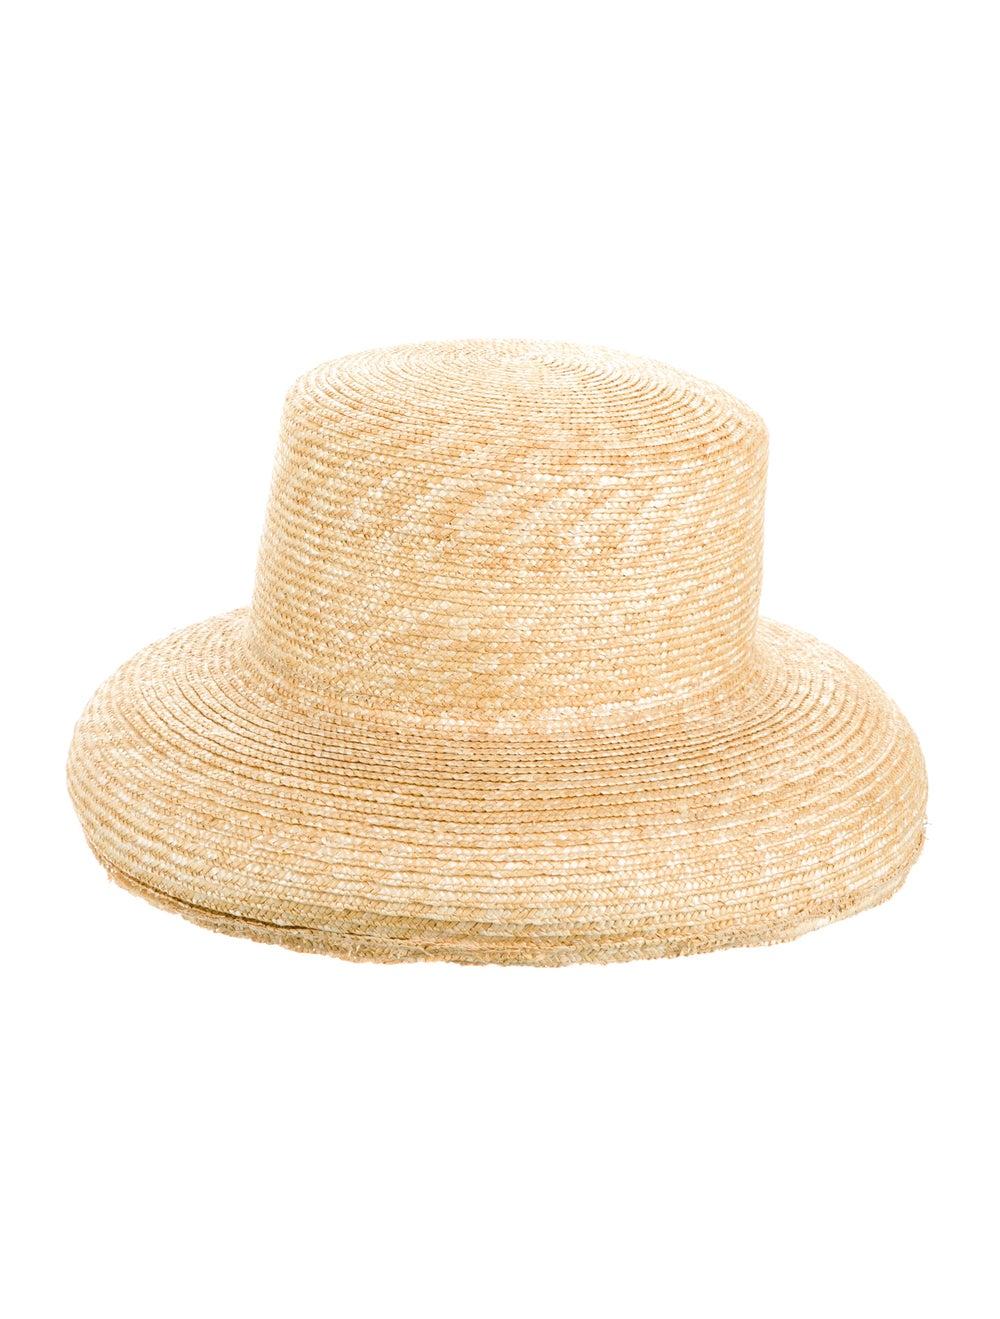 Janessa Leone Straw Wide Brim Hat - image 2